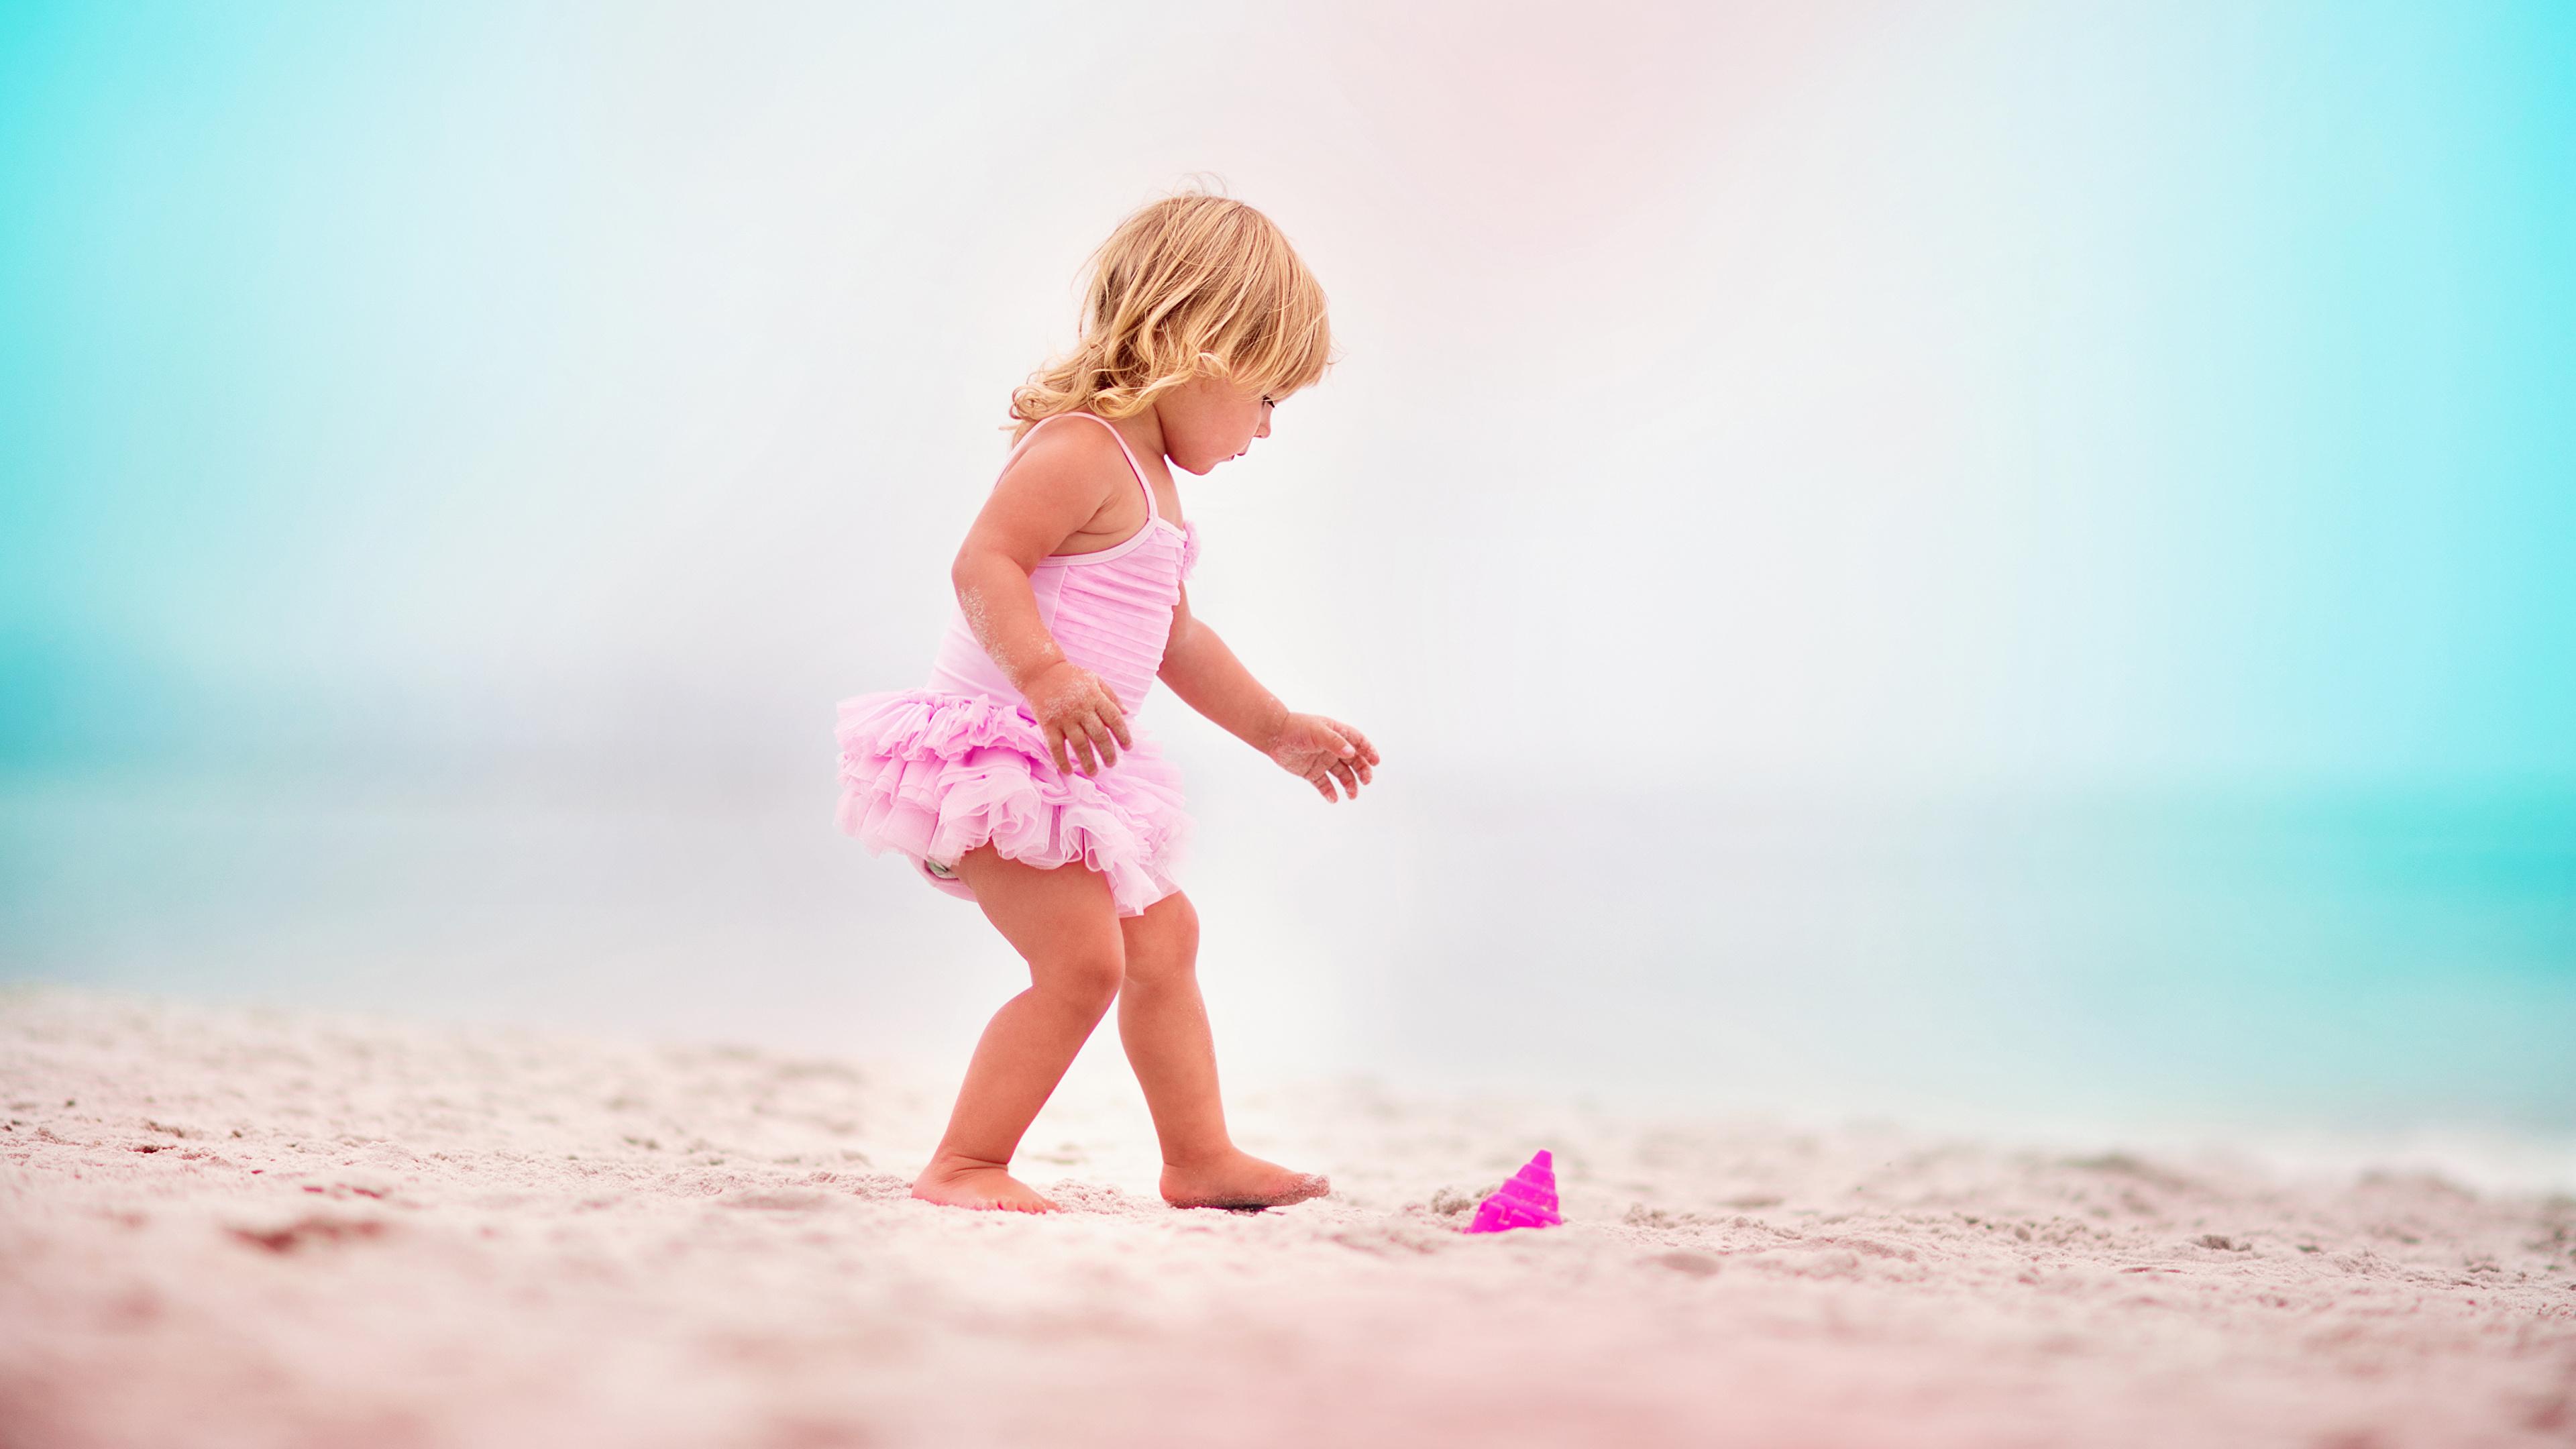 Desktop Wallpapers Little Girls Beaches Children Sand 3840x2160